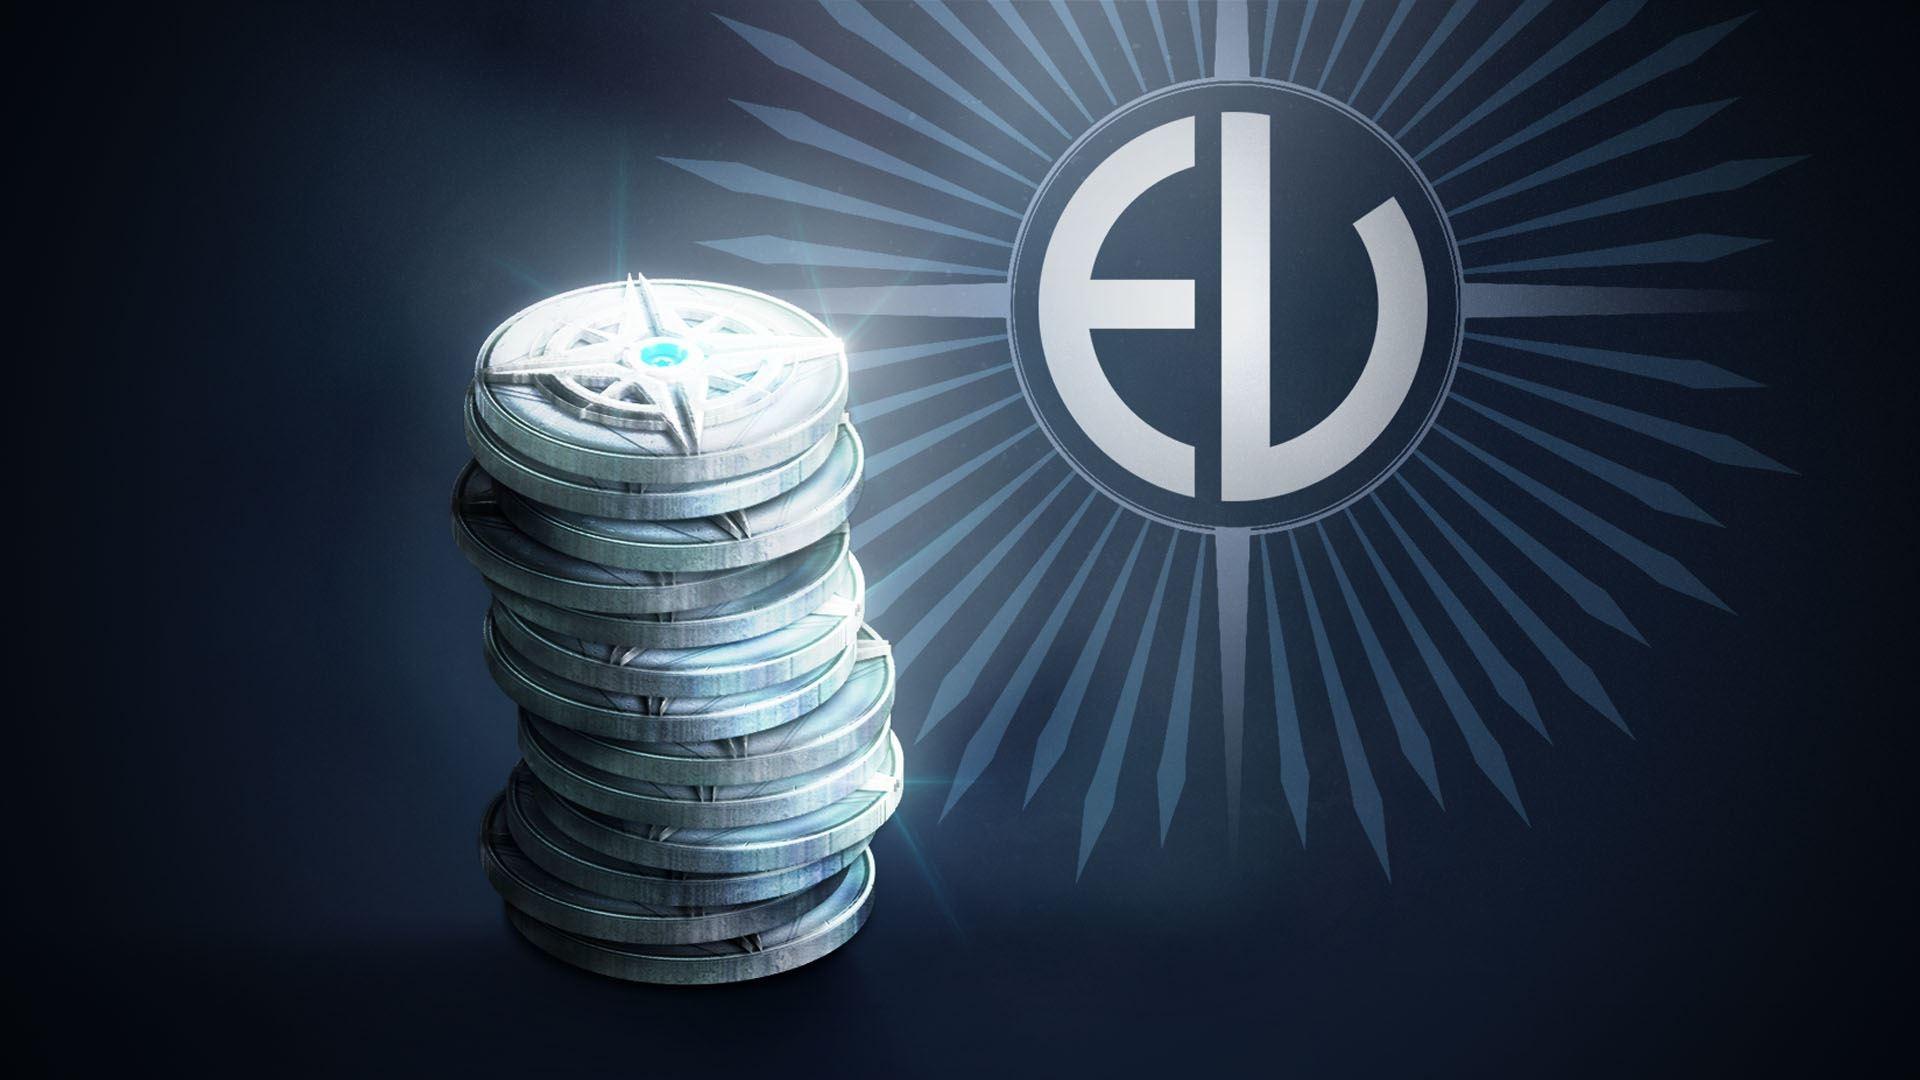 В Steam была добавлена валюта из популярного консольного эксклюзива